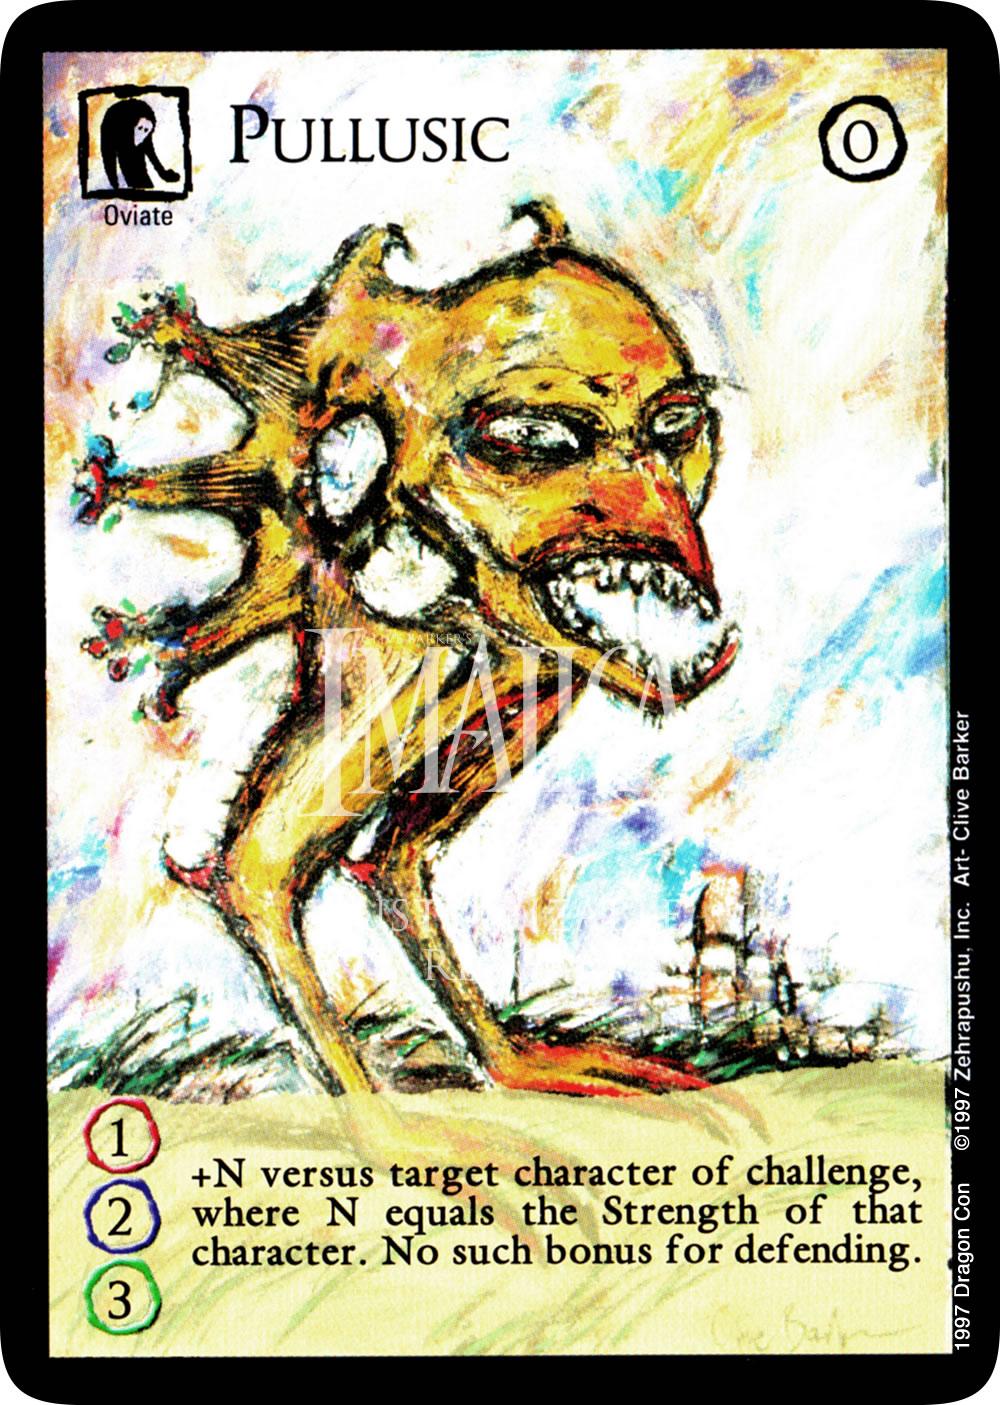 Pullusic (1997 Dragon Con Version)